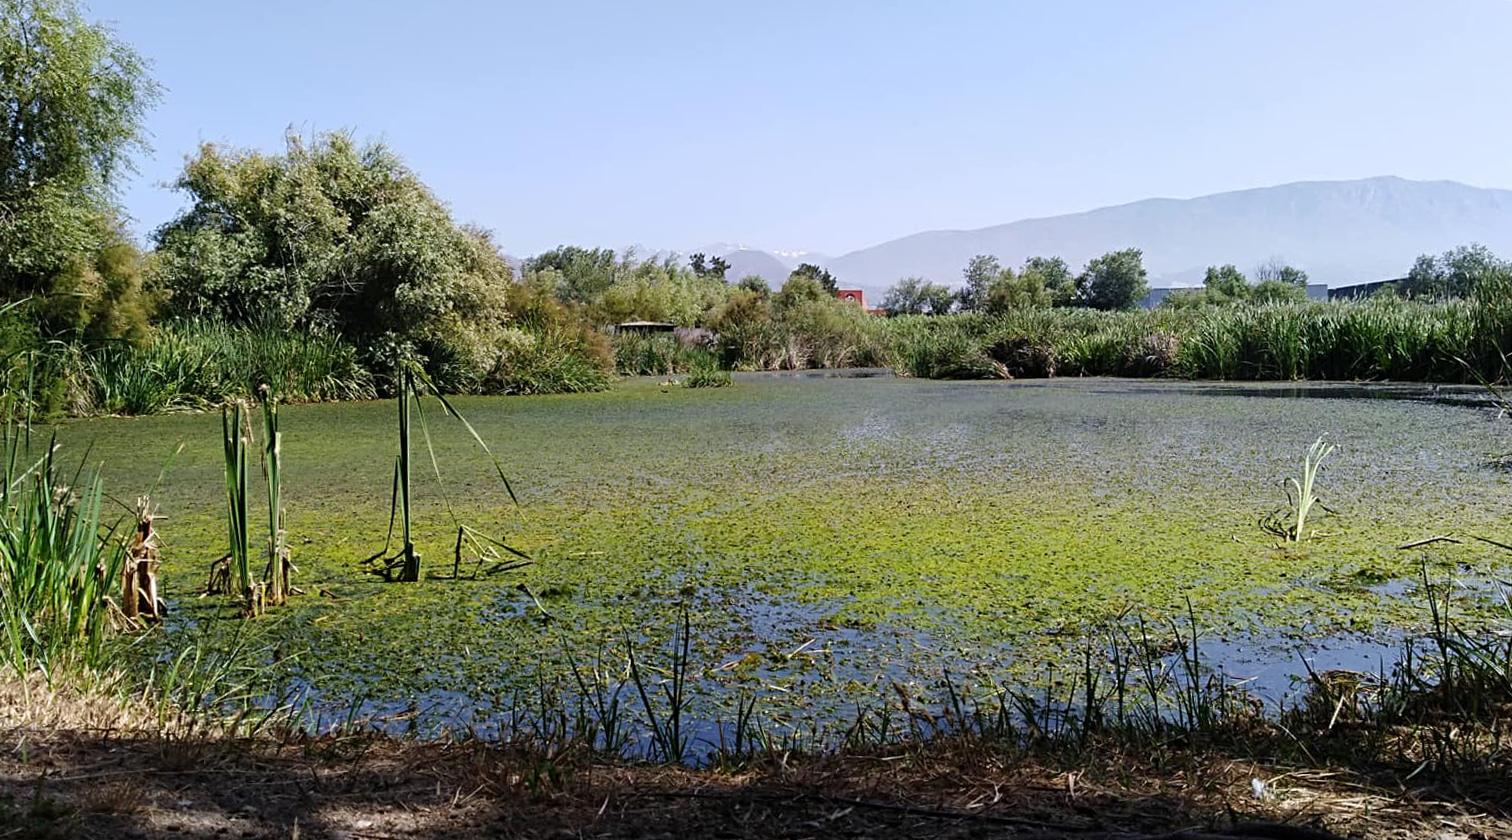 Una vista de la Charca de Suárez. Imagen: Rafael Mateos